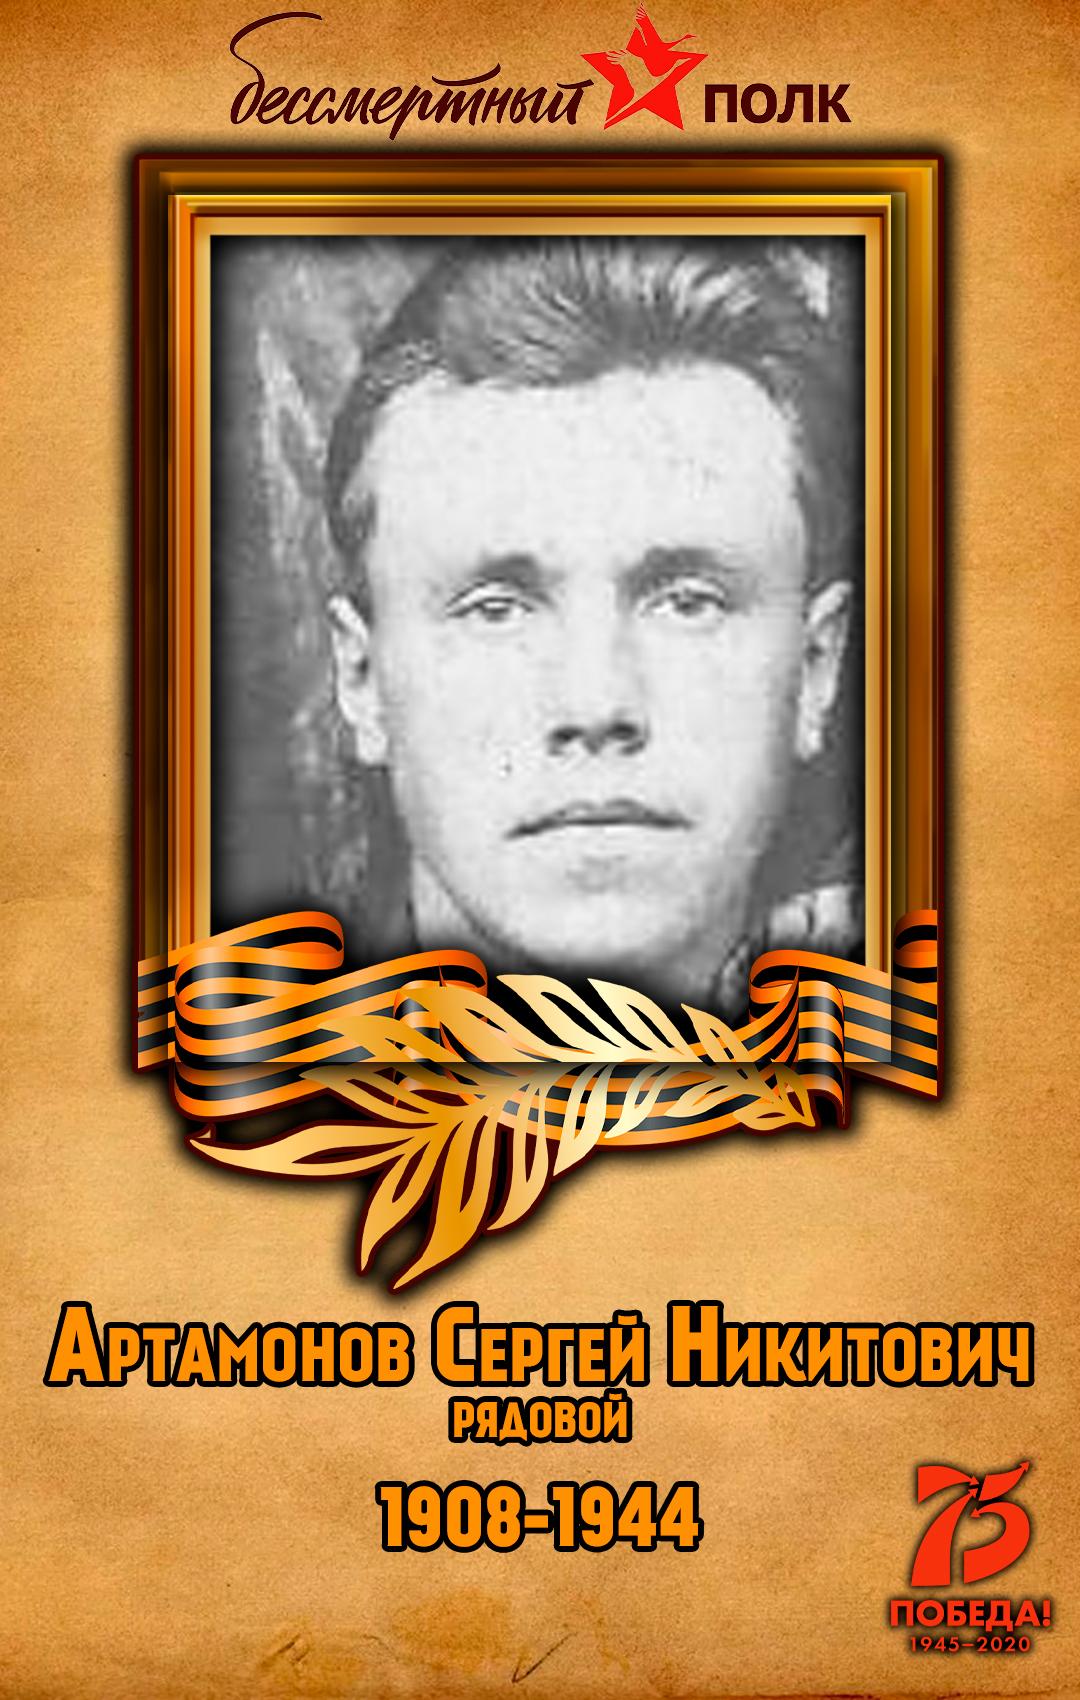 Артамонов-Сергей-Никитович